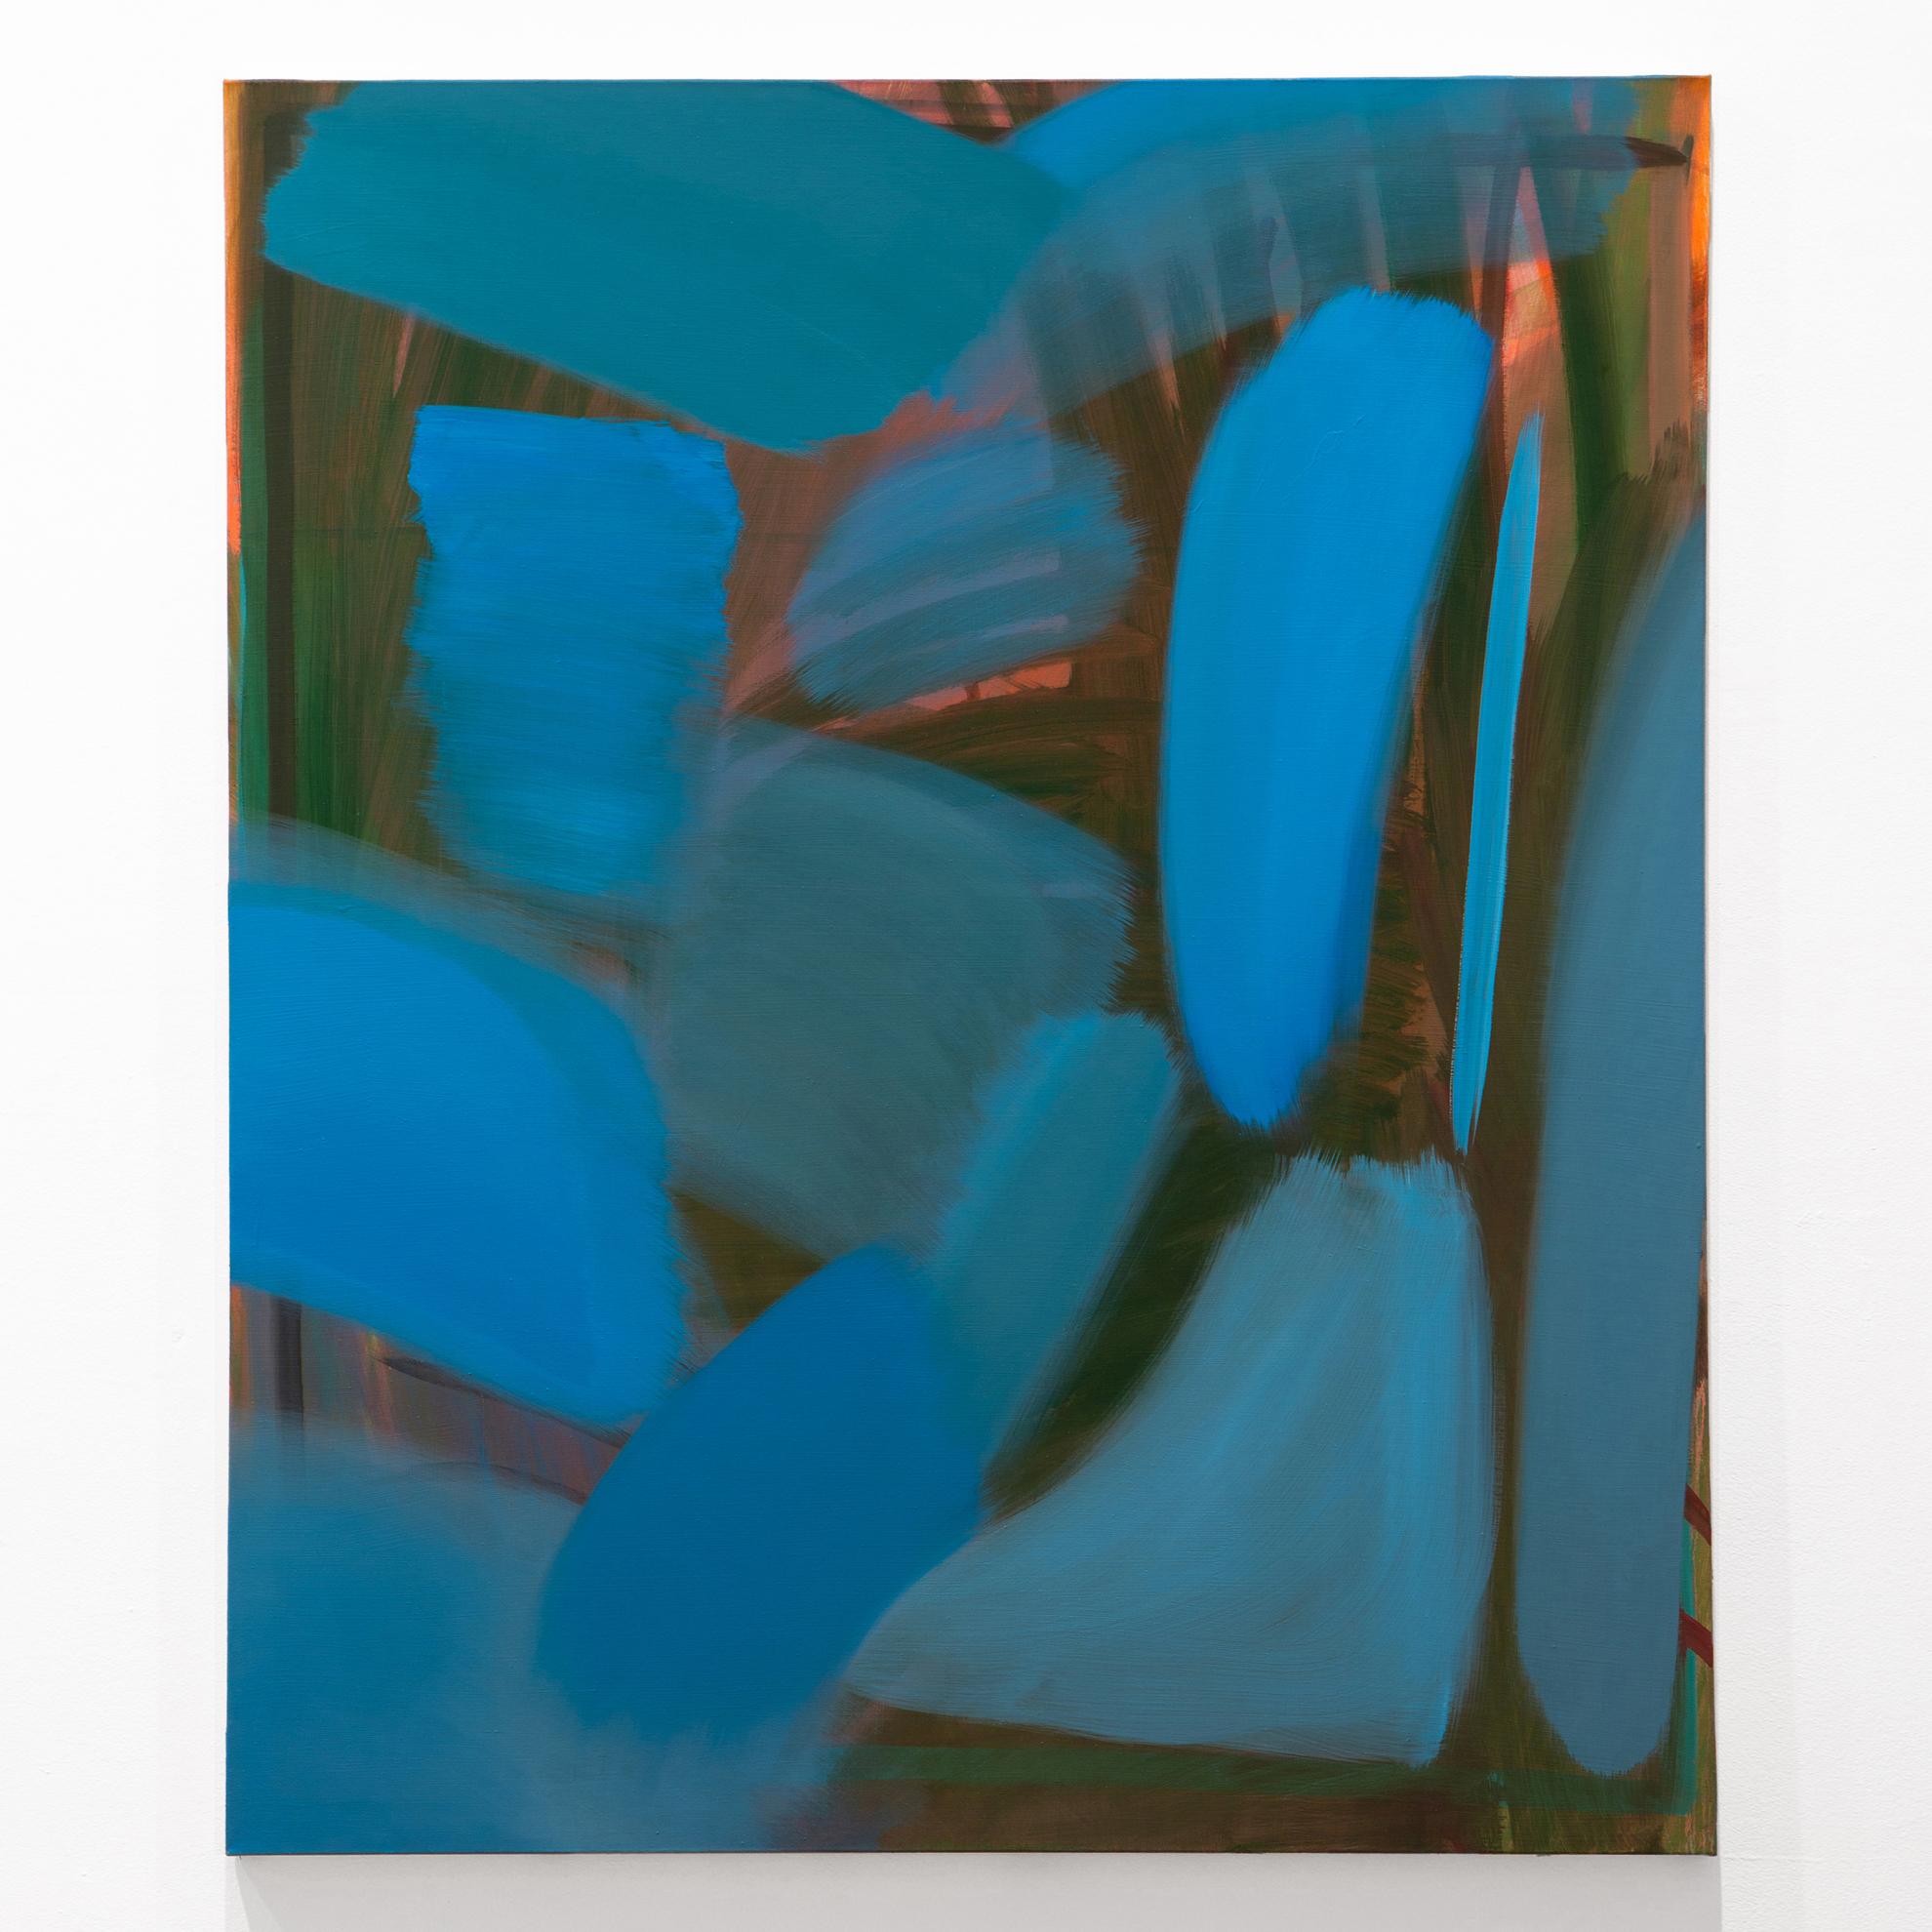 Broken Sleep  Acrylic and oil on canvas  183 x 153 cm  2017